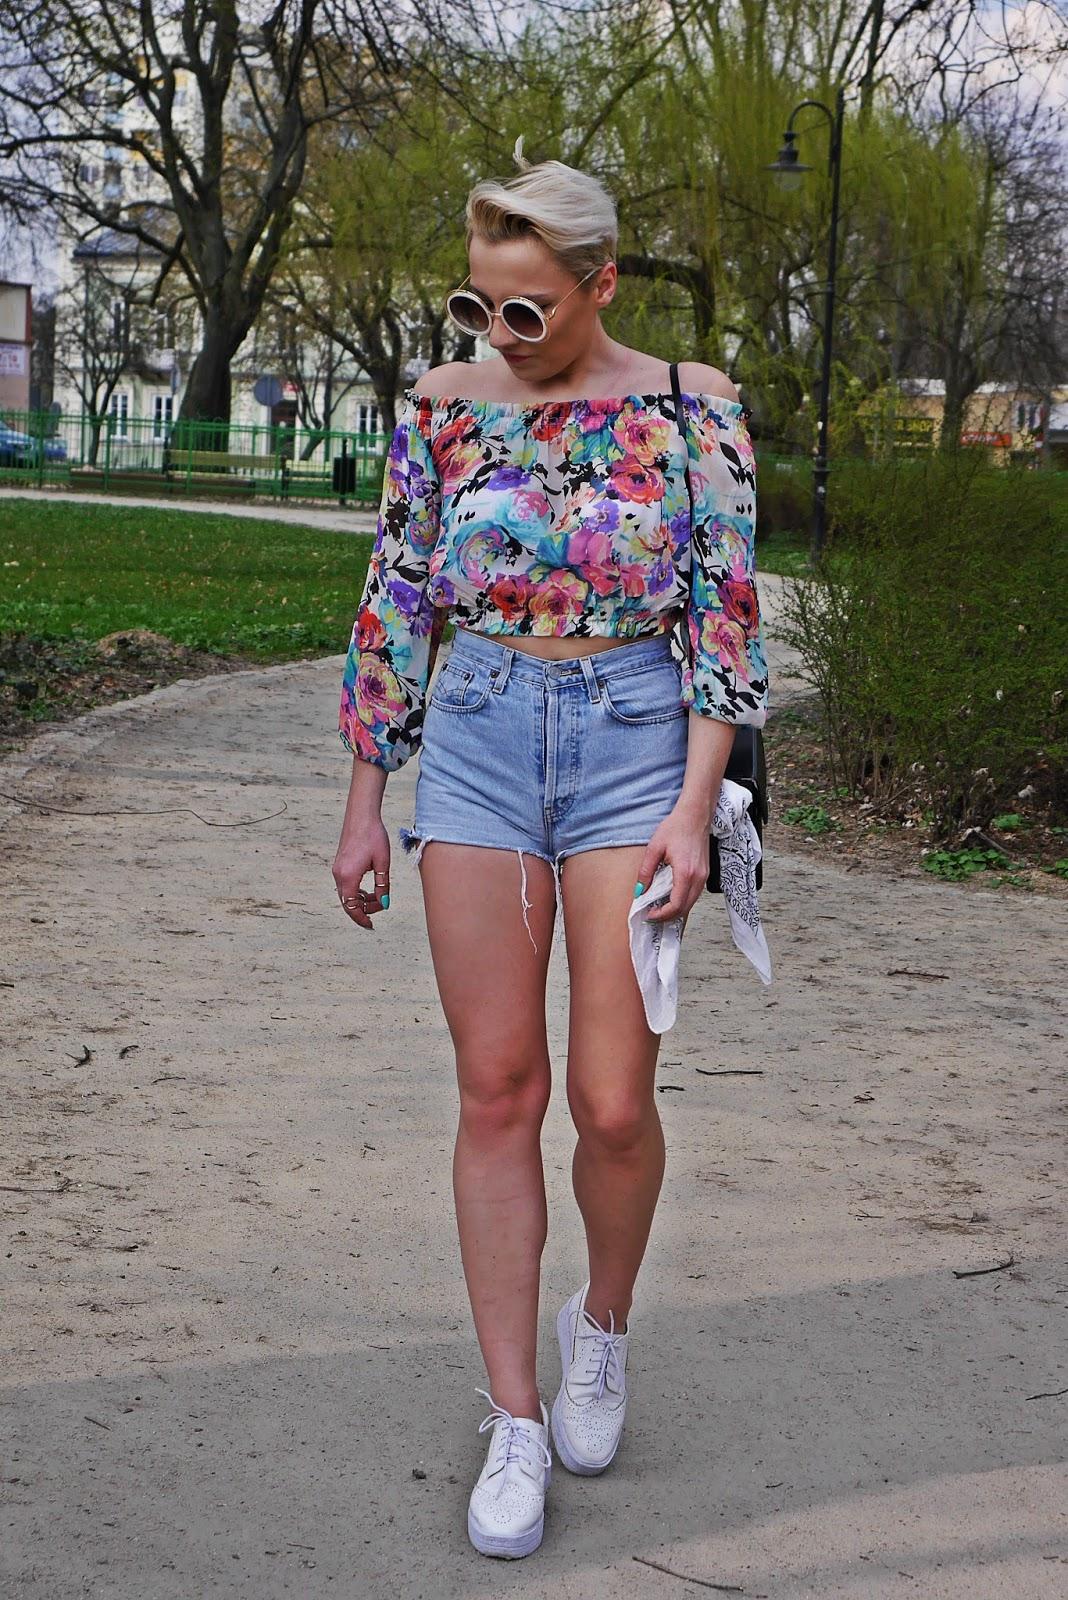 szorty_z-wysokim_stanem_koszulka_bez_ramion_platformy_biale_karyn_blog_110417c